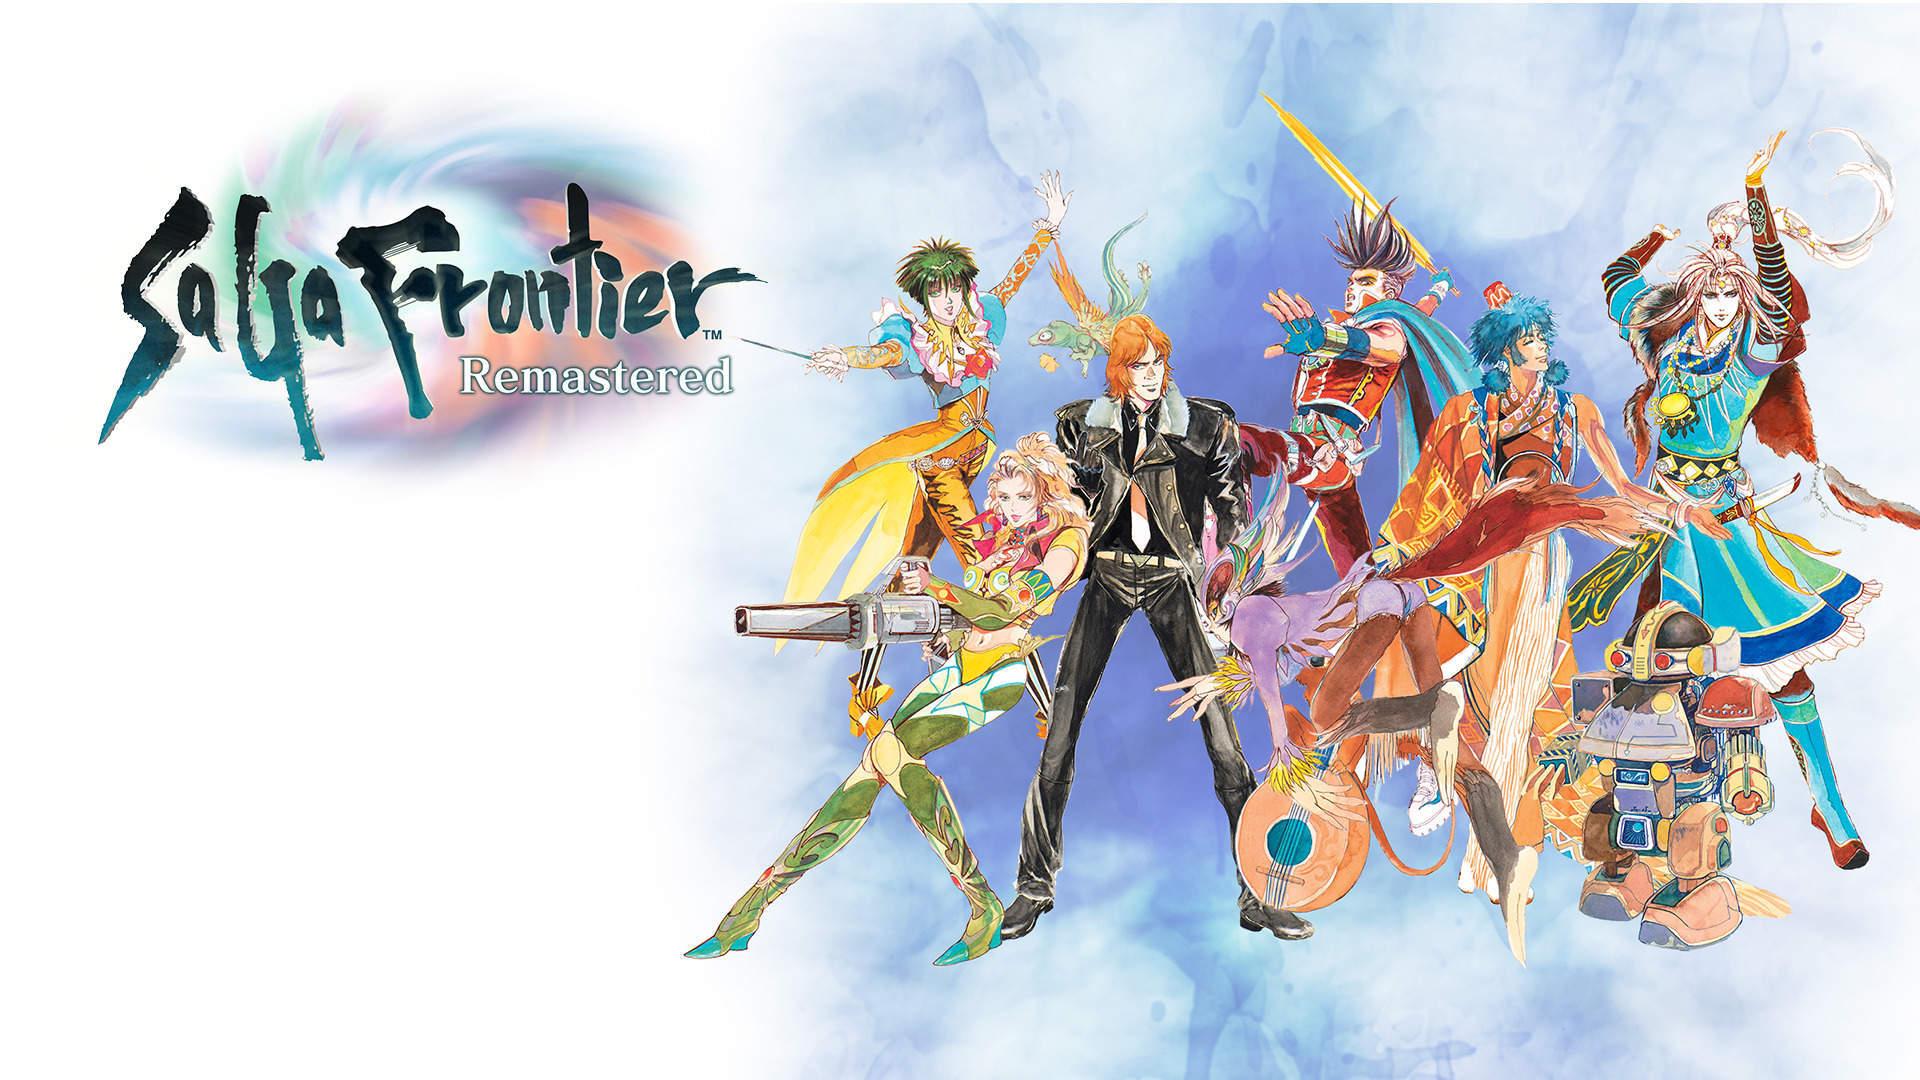 Review: saga frontier remastered, um desafiador jrpg. Saga frontier remastered possui oito personagens principais e é um bom e desafiador jogo de jrpg, apesar de não ser para todos os gostos